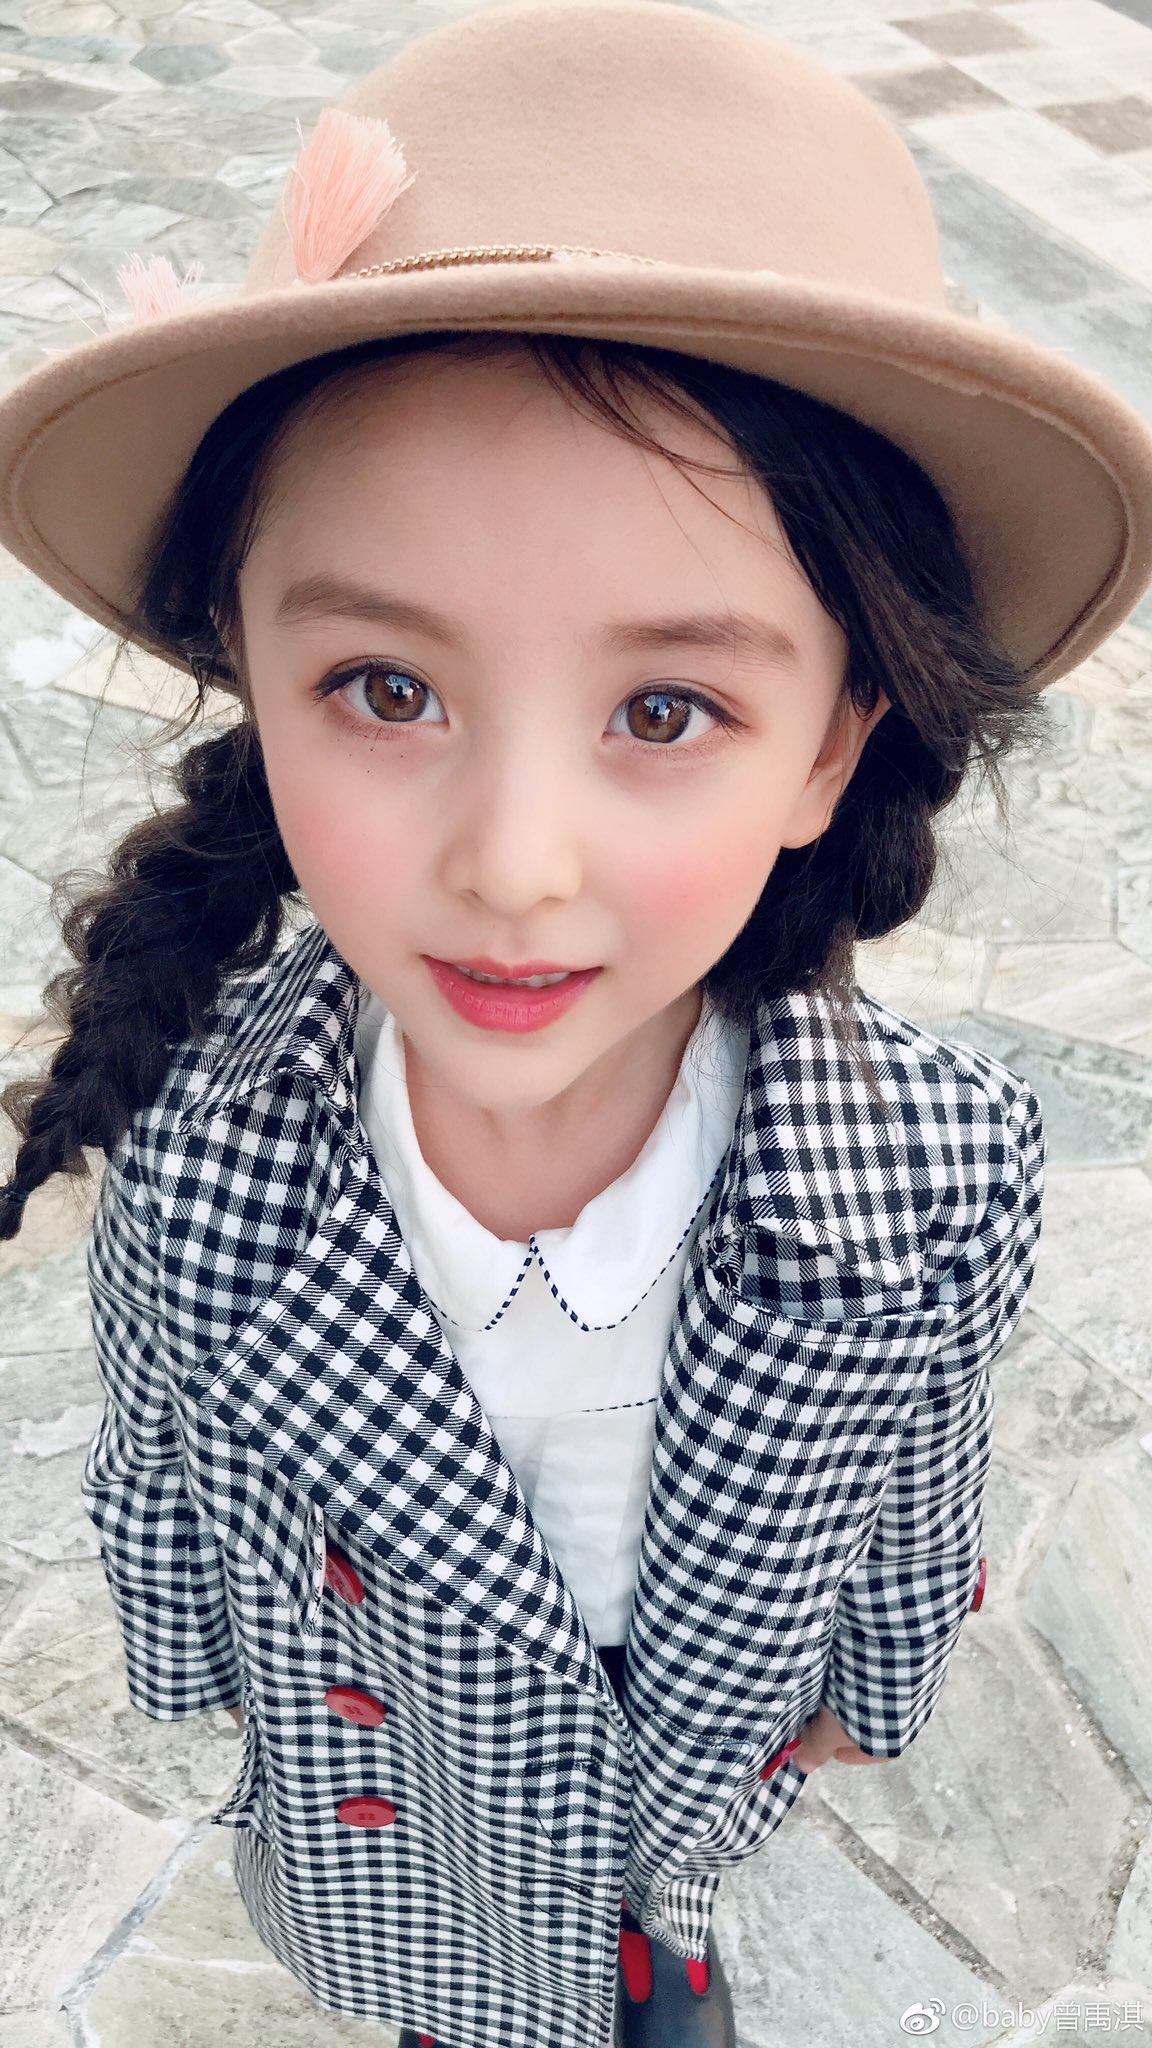 【衝撃】中国の5歳児(曾禹淇ちゃん)が可愛すぎるwwww